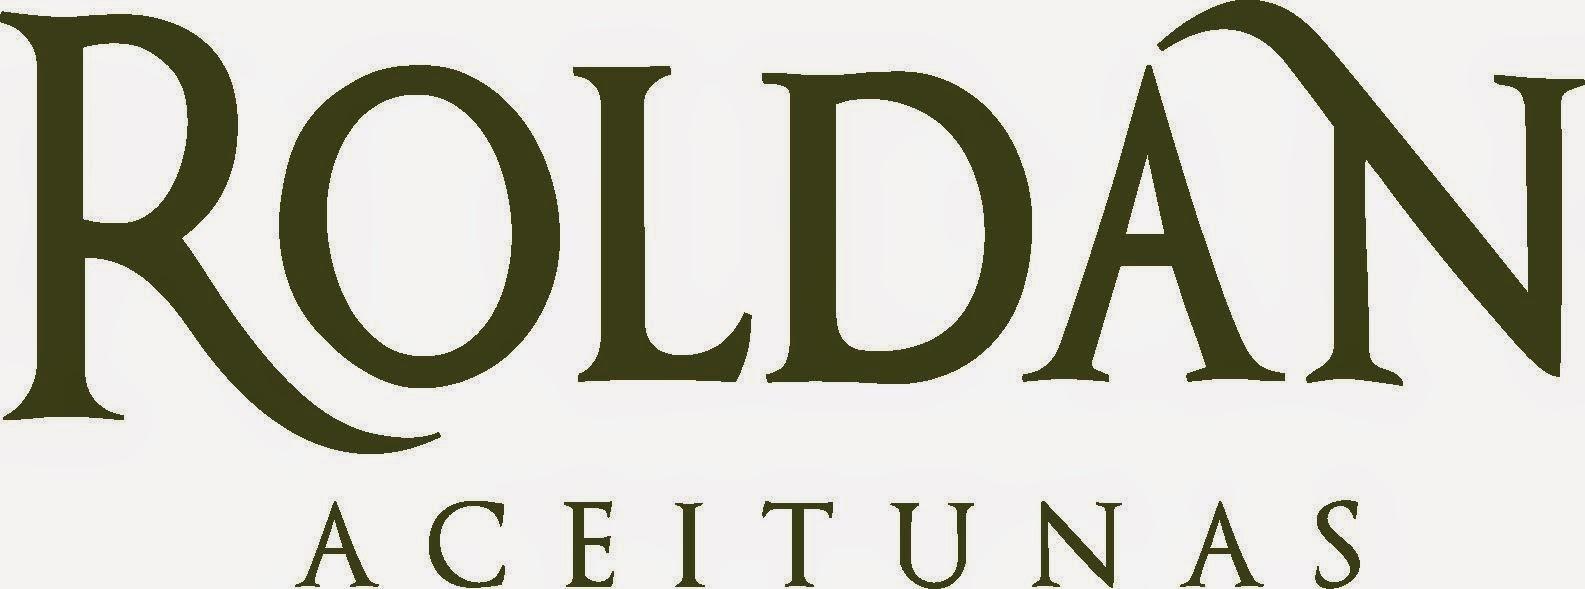 ACEITUNAS ROLDAN